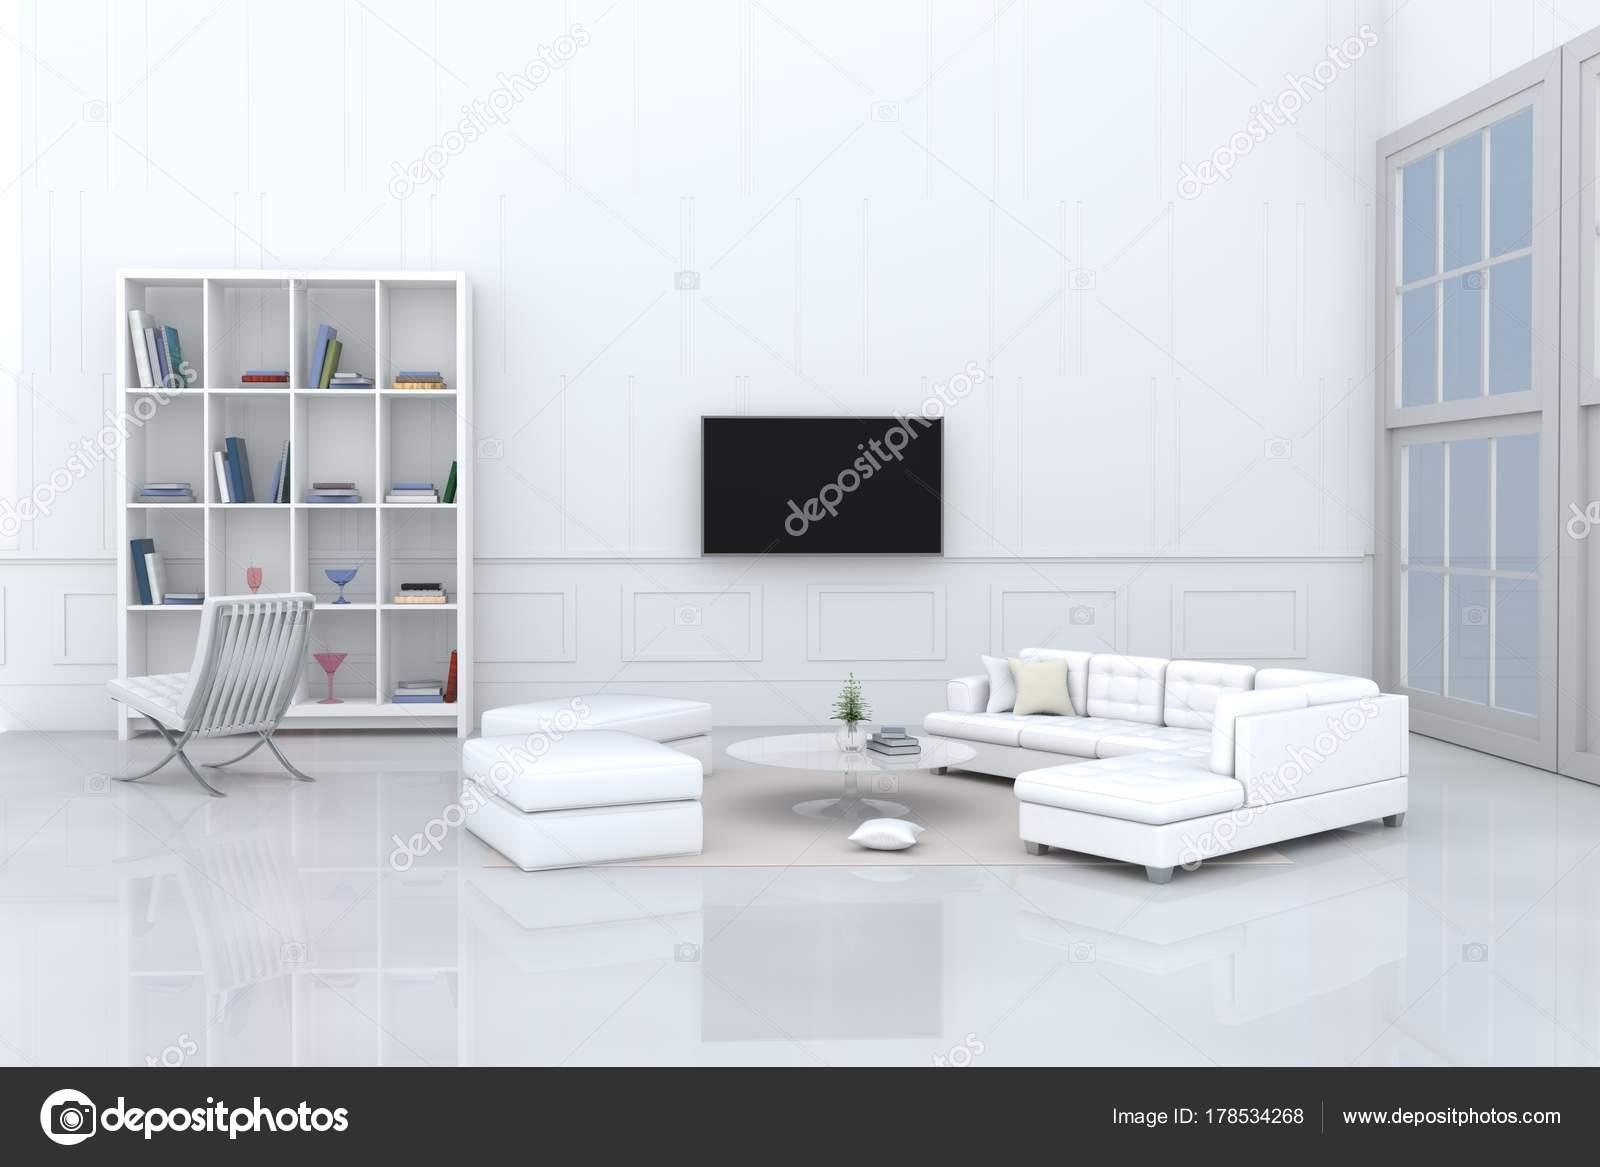 Pavimento Bianco Colore Pareti : Salone bianco decorato con divano bianco albero vaso vetro cuscini